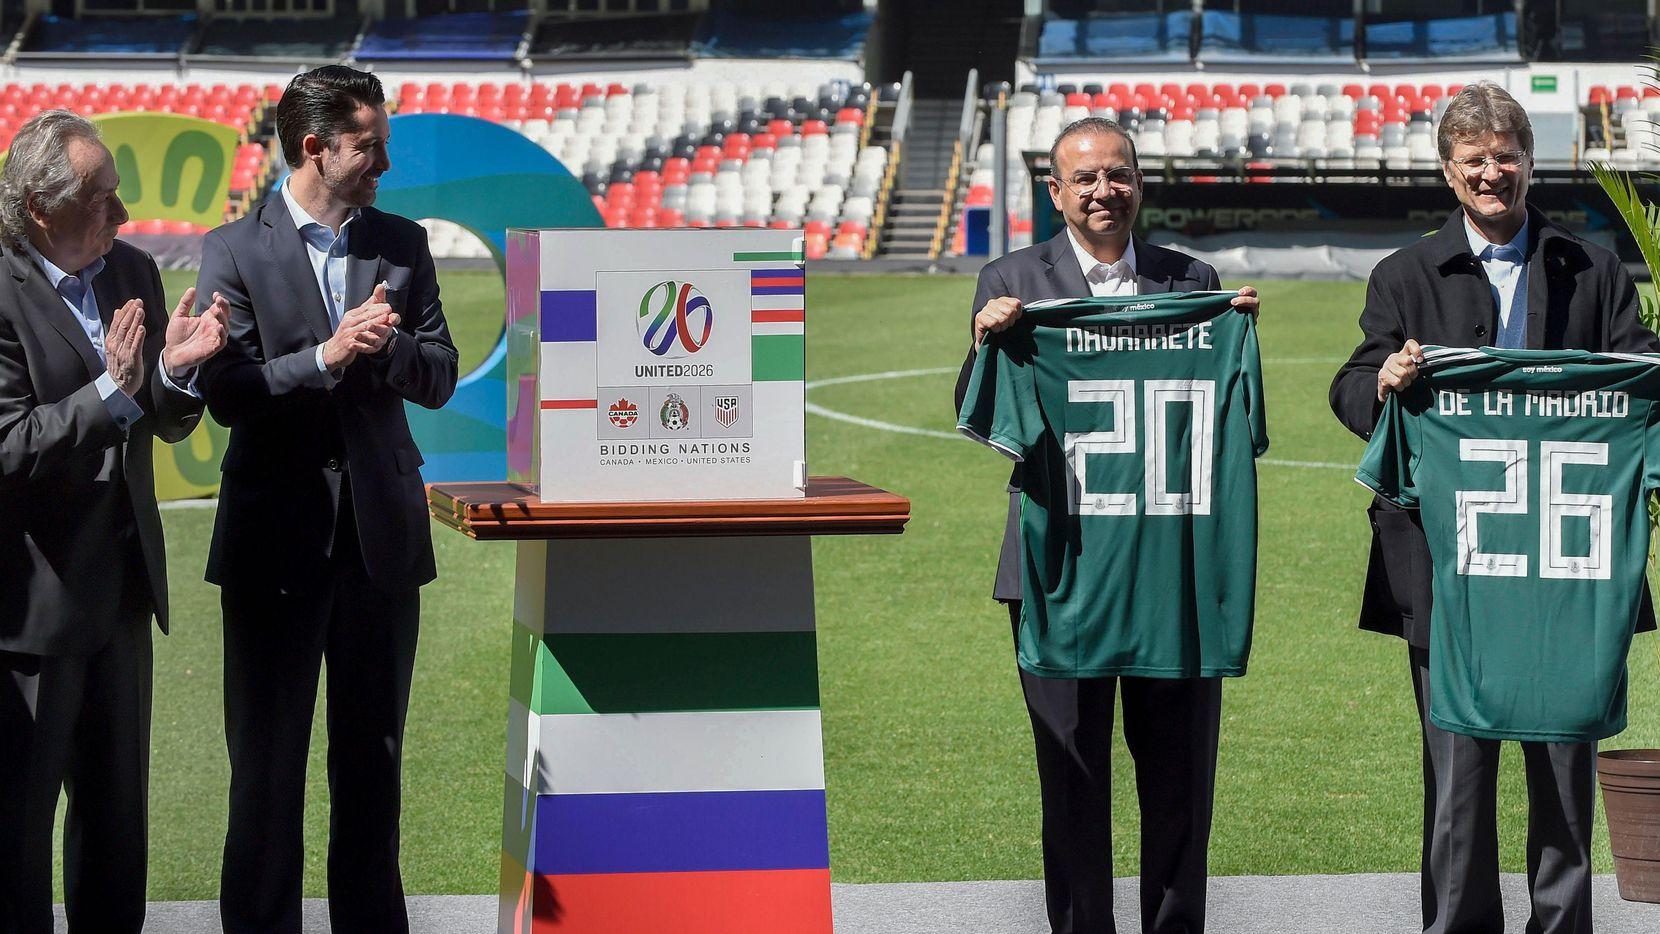 Representantes de las federaciones de México, Estados Unidos y Canadá presentaron su propuesta conjunta para albergar la Copa de 2026. (AFP/Getty Images/ALFREDO ESTRELLA)